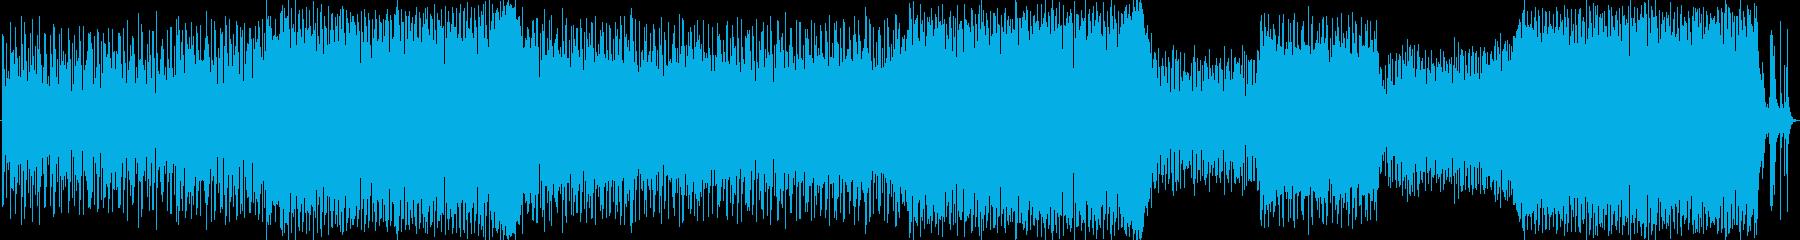 オルタナティブロックインスト。安定...の再生済みの波形